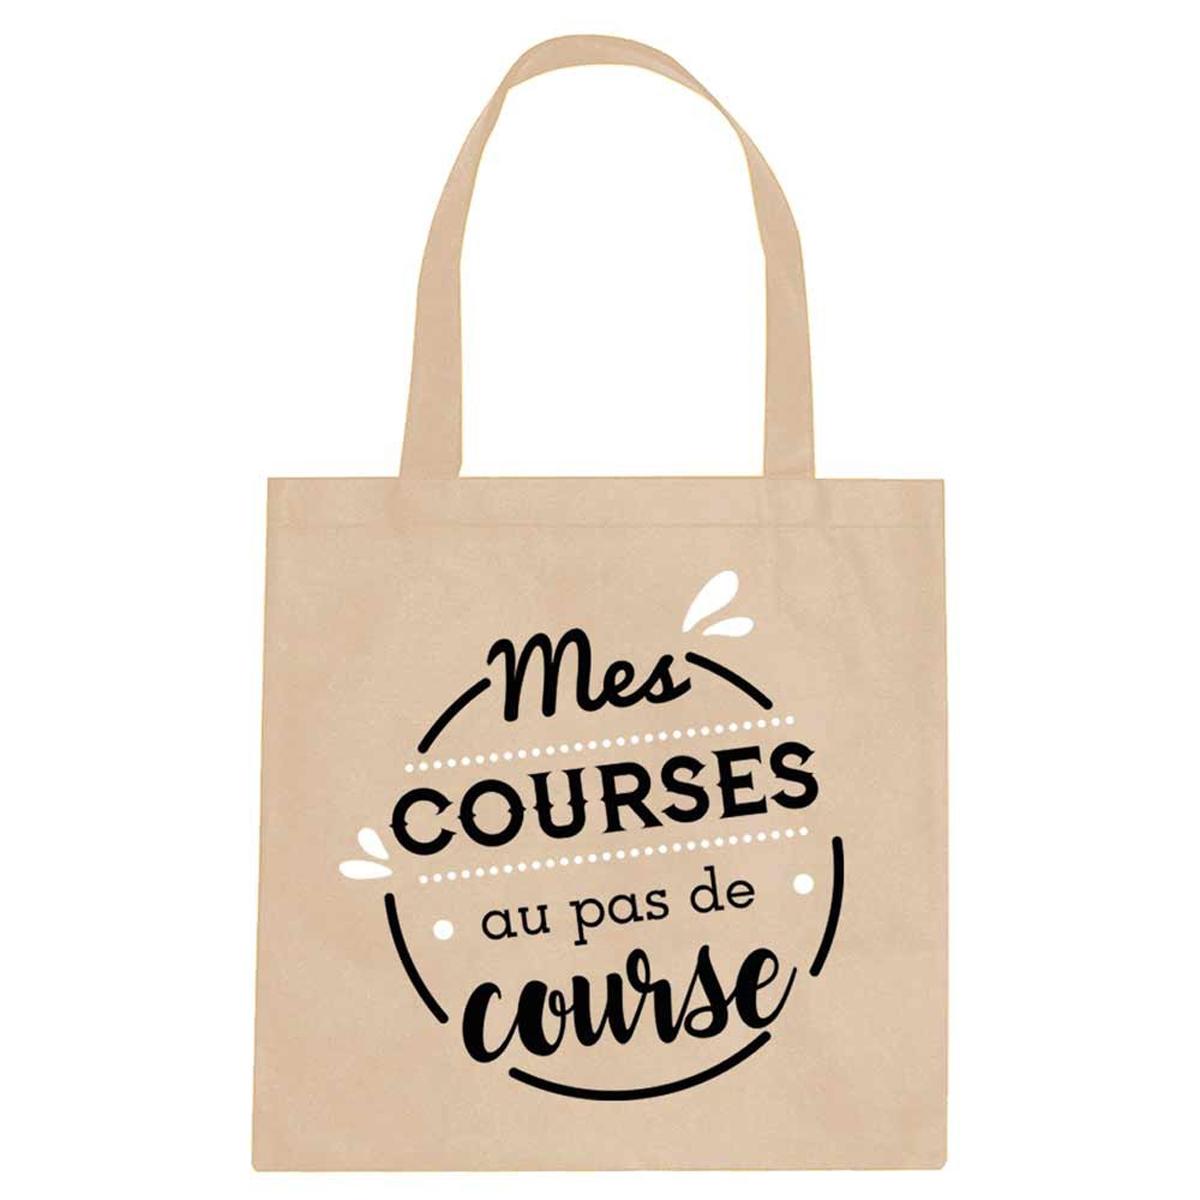 Sac coton / Tote bag \'Messages\' beige (Mes courses au pas de course) -  40x39 cm - [Q0672]